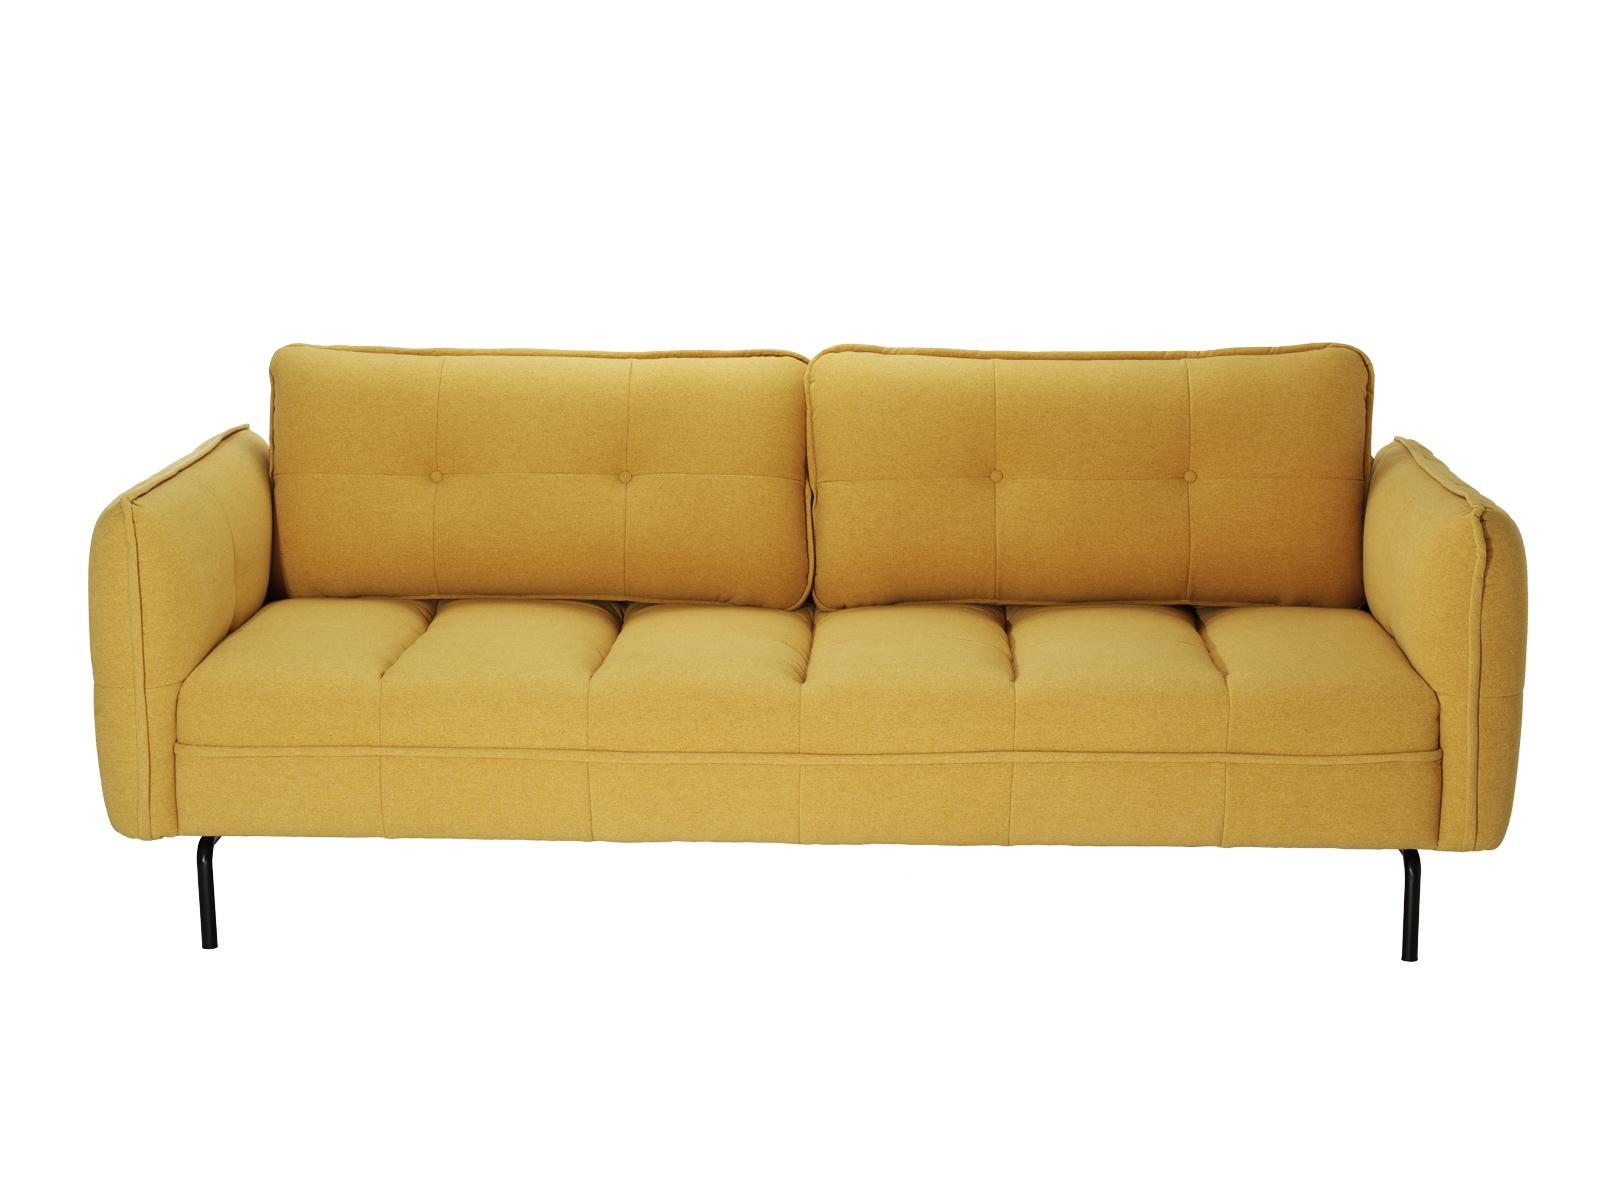 Canapea Fixa Tapitata Cu Stofa Serno Yellow